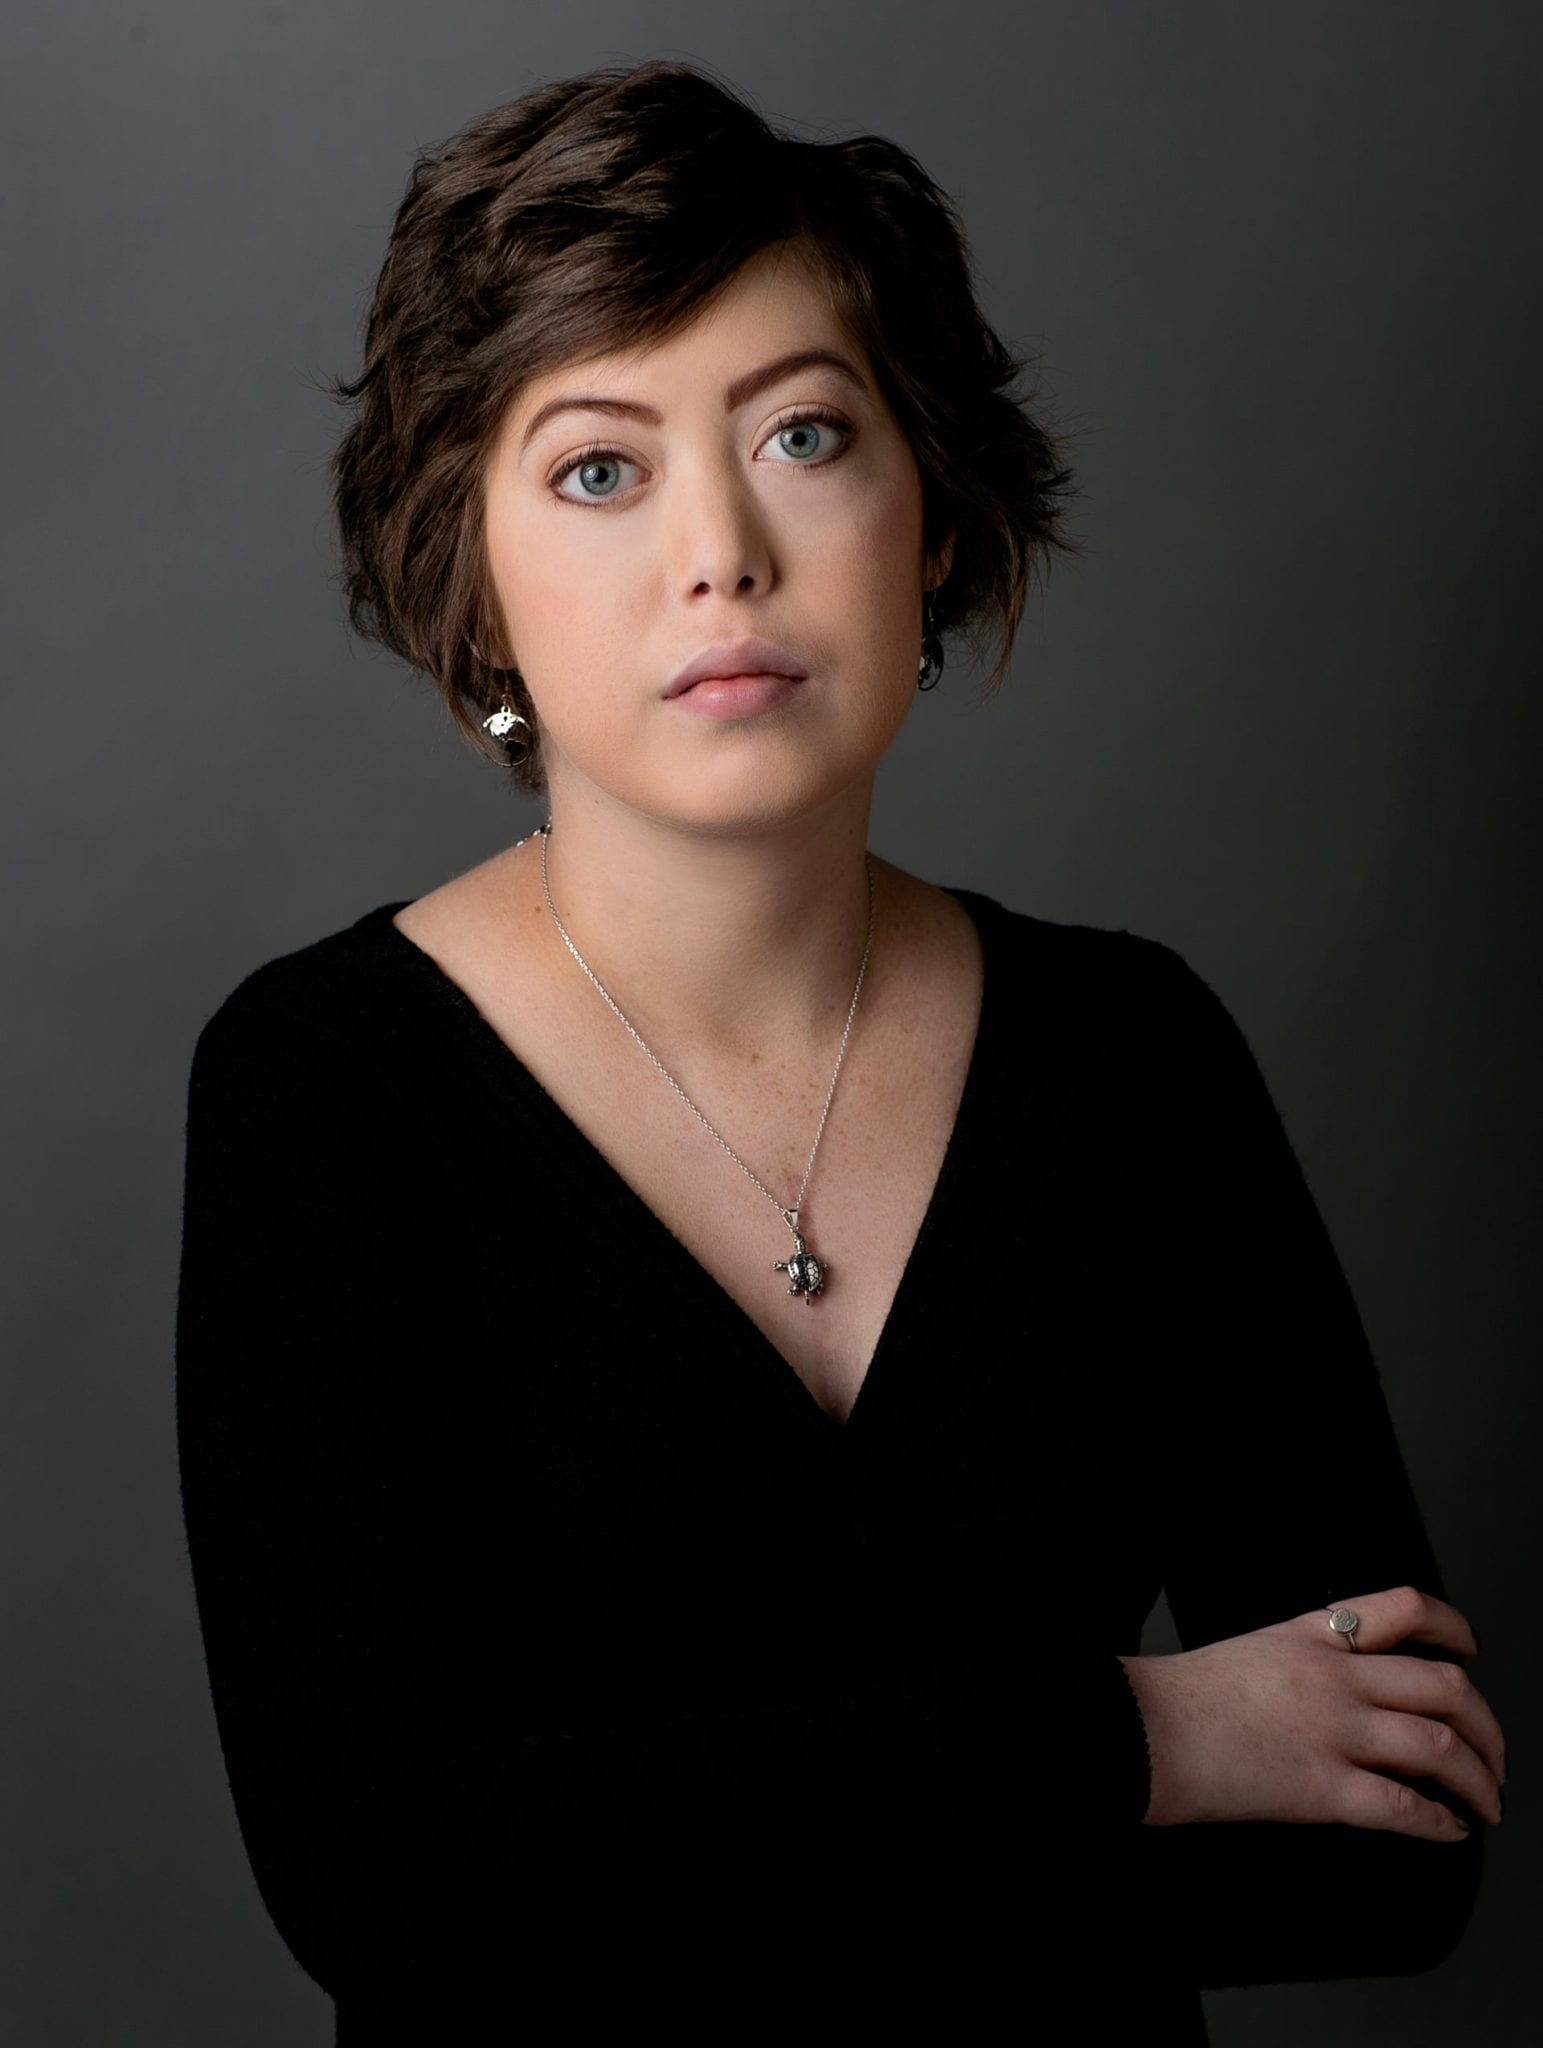 Katy Cancer Portrait